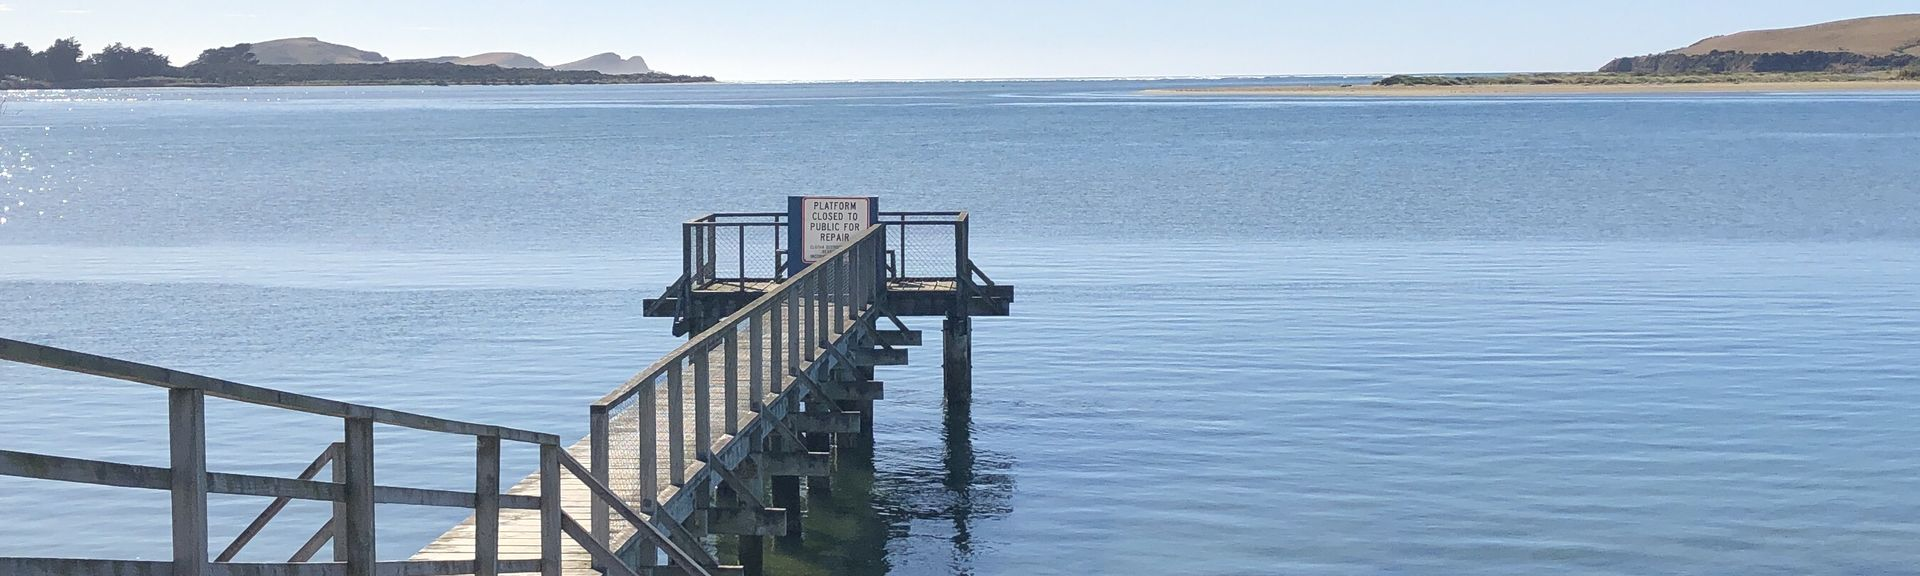 Kaka Point, Clutha, Otago, New Zealand